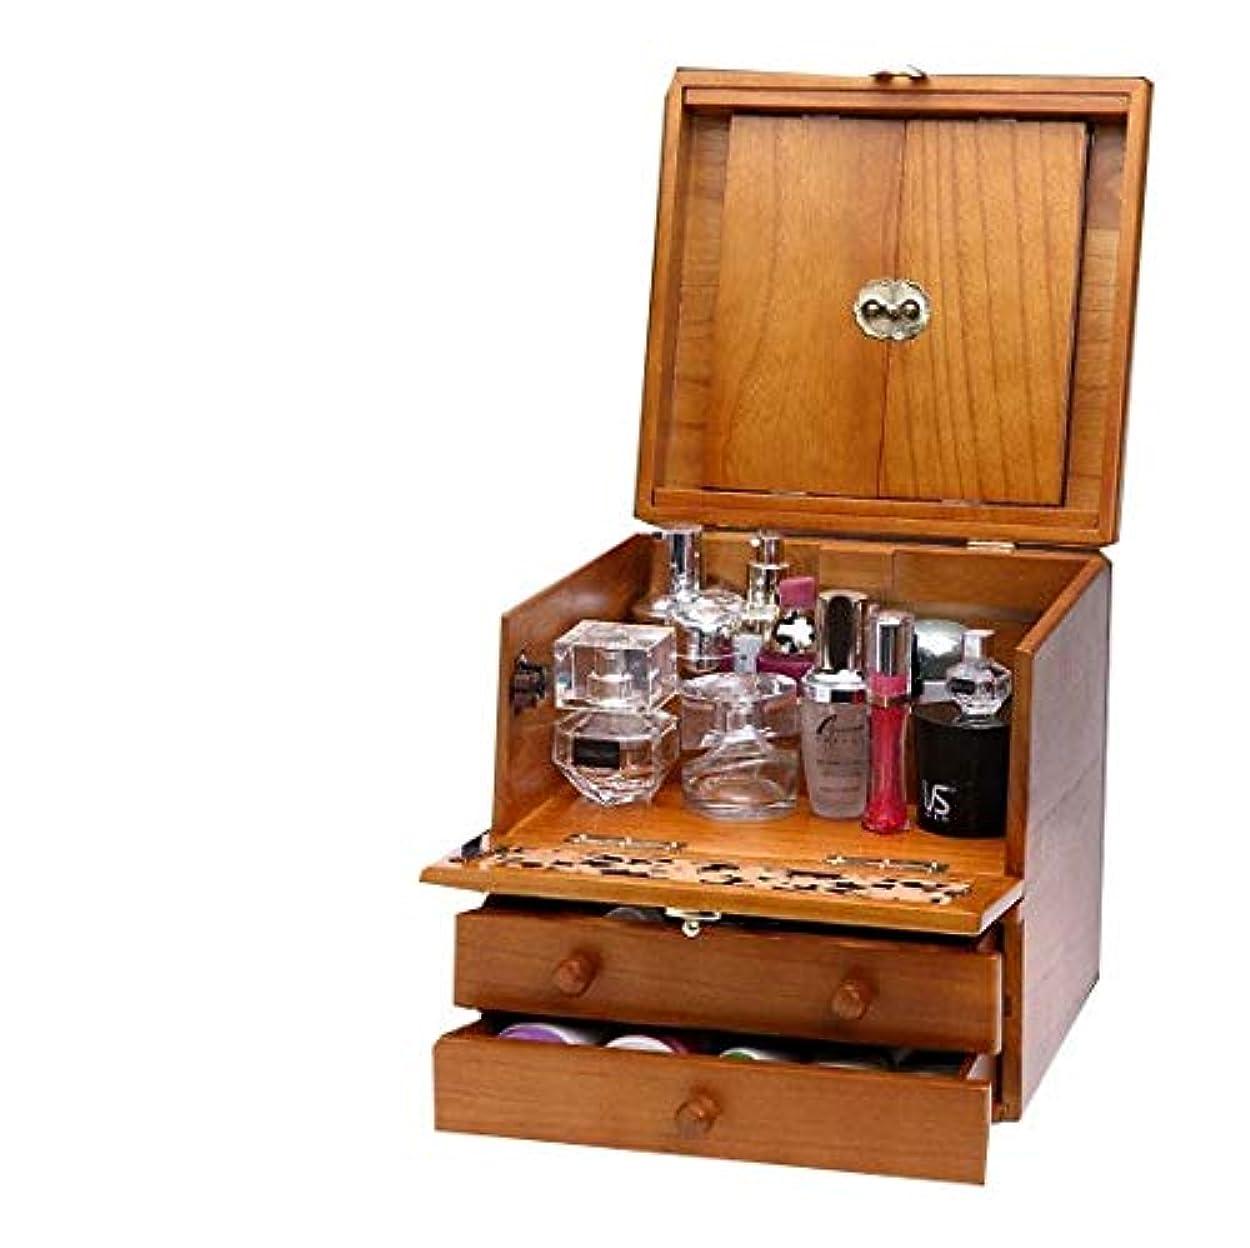 バドミントン感嘆符ミケランジェロ化粧箱、3層レトロ木製彫刻化粧ケース付きミラー、ハイエンドのウェディングギフト、新築祝いのギフト、美容ネイルジュエリー収納ボックス